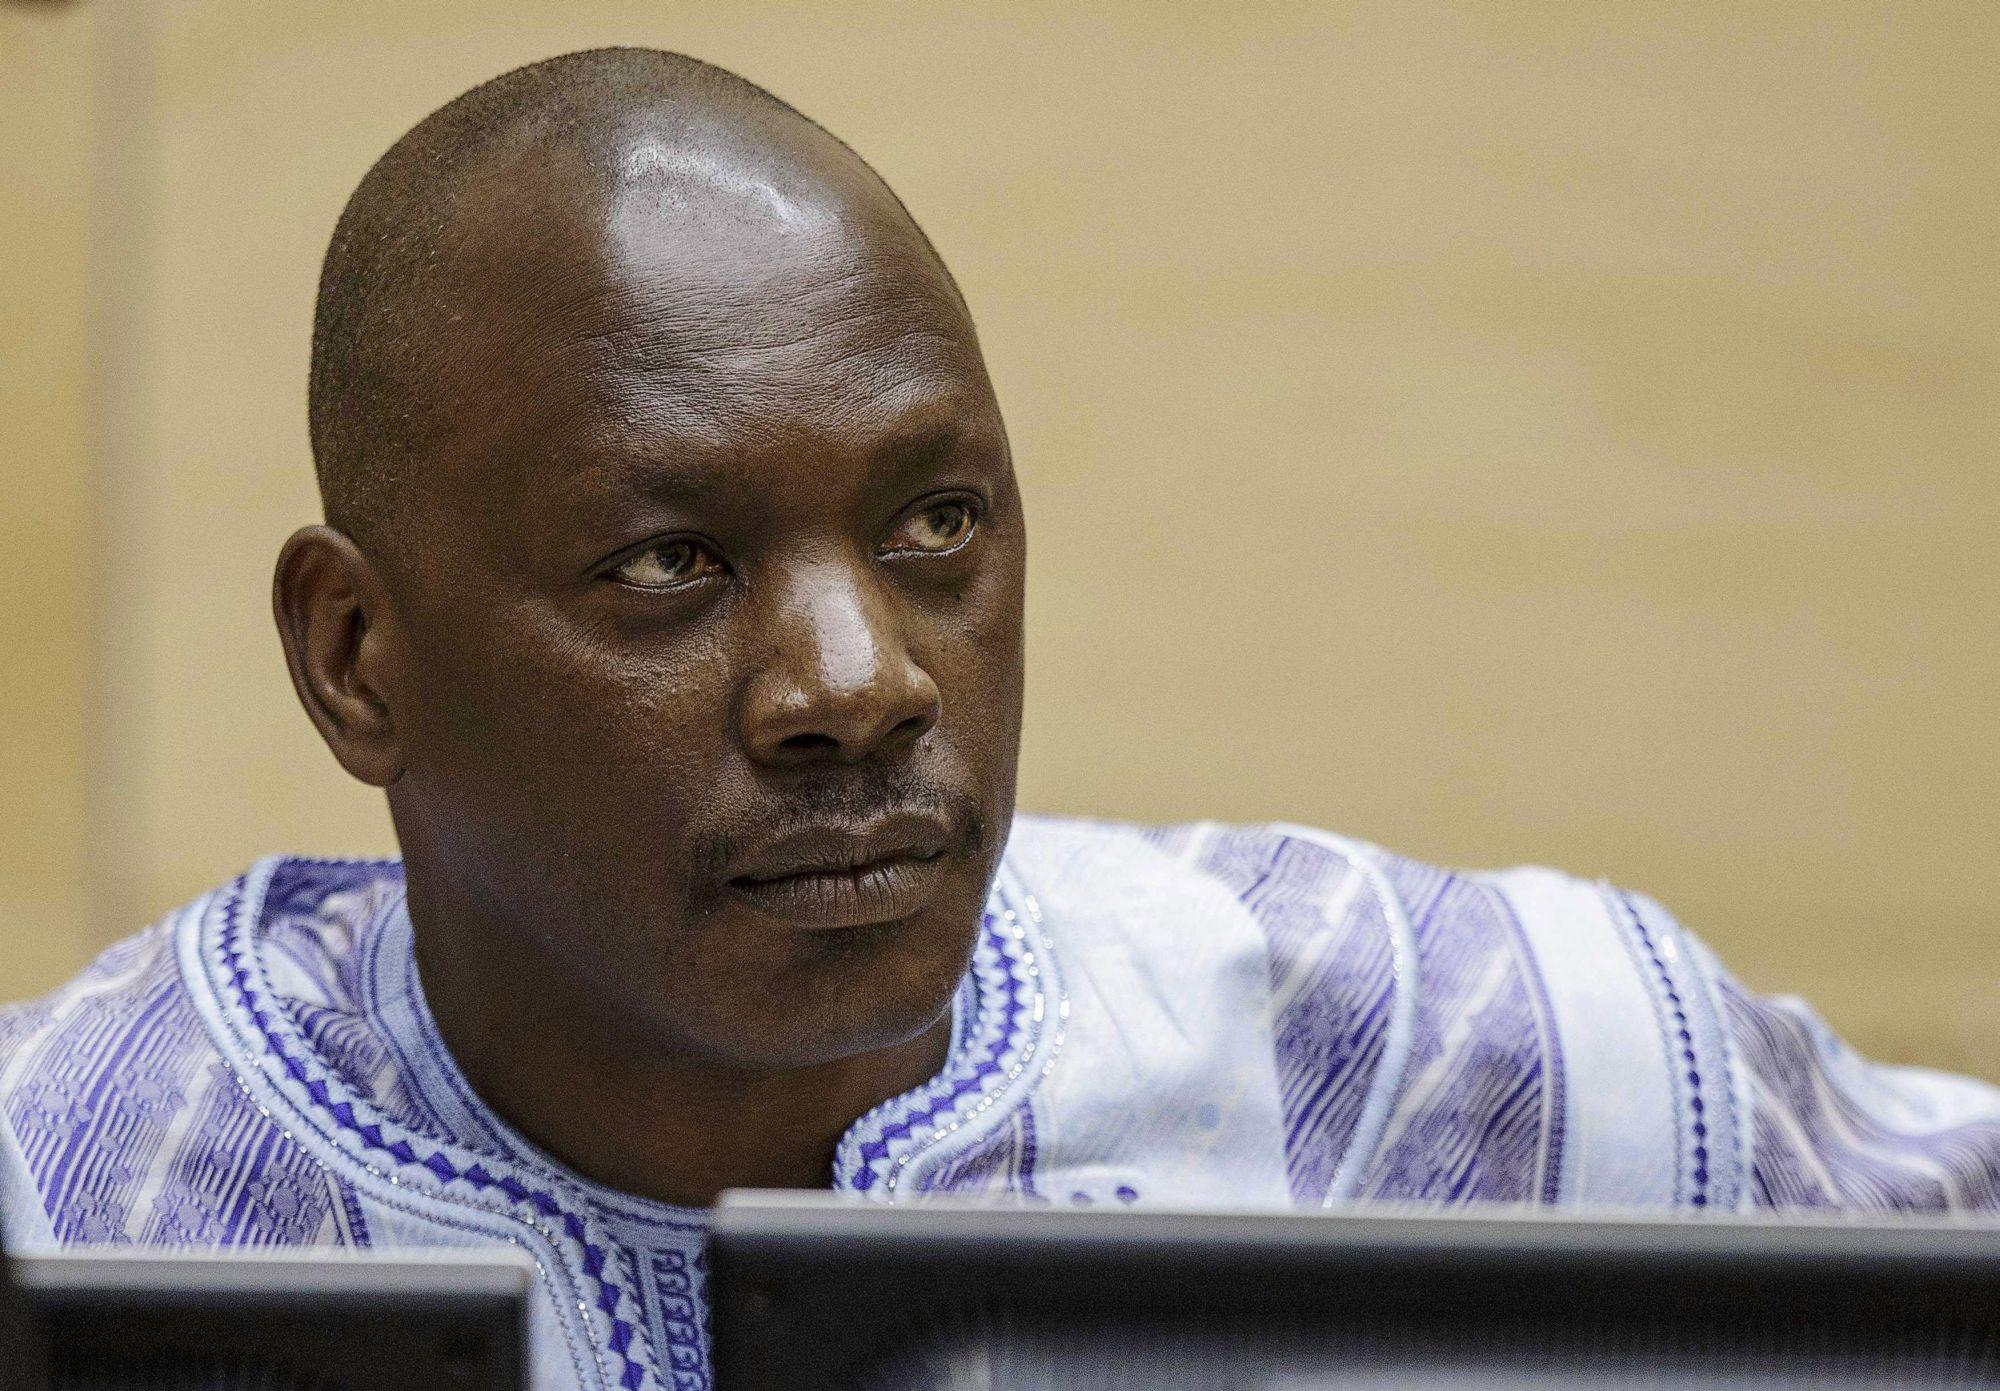 Hága, 2014. december 1. Thomas Lubanga kongói milíciavezér részt vesz a háborús bűnök kivizsgálására létrehozott Nemzetközi Büntetőbíróság (ICC) ítélethirdetésén Hágában 2014. december elsején. A most 53 éves Lubangát 2012-ben tizennégy évi szabadságvesztésre ítélte a Nemzetközi Büntetőbíróság, amiért a 2002-2003-as összecsapások idején 15 évesnél fiatalabb gyermekeket sorozott be a Kongói Hazafiak Frontja (UPC) szervezet katonai szárnyába, a Kongó Felszabadítása Hazafias Erőinek (FPLC) egységeibe. A fiatalok nagy részét a frontvonalba küldték harcolni, sokan elestek közülük. (MTI/EPA/Pool/Michael Kooren)